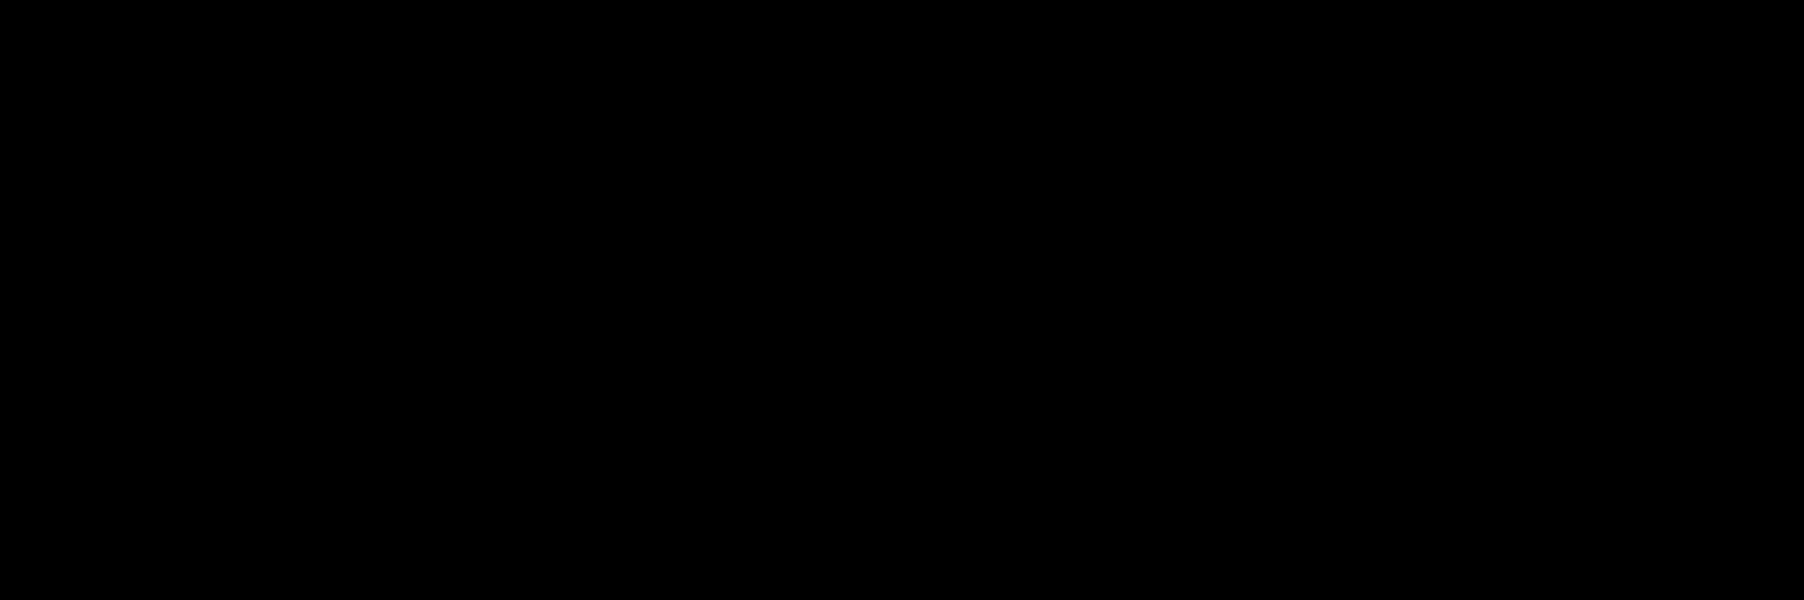 Waschanleitung Hanf Pur Symbole